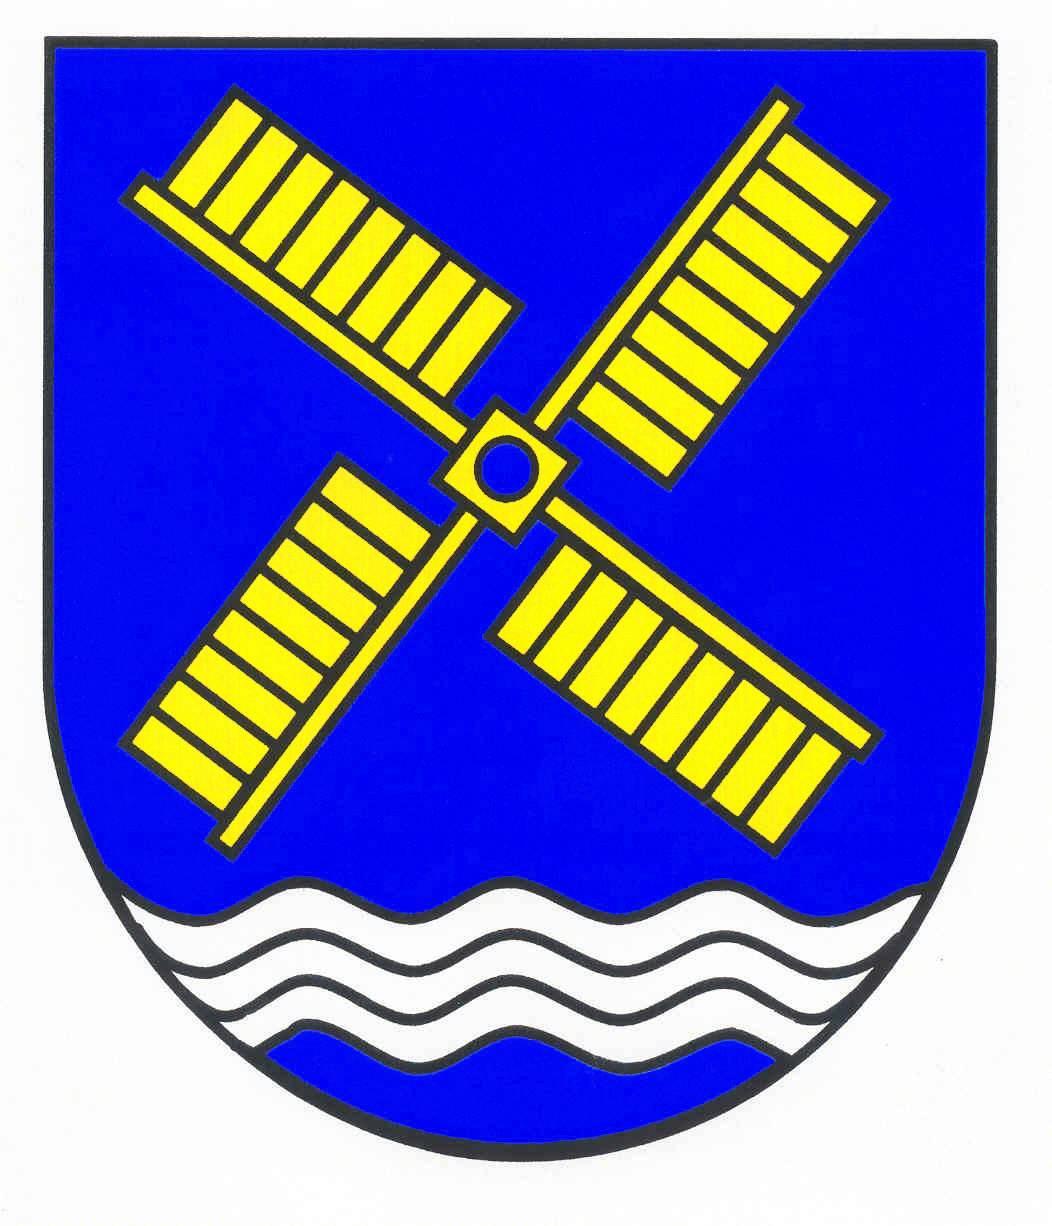 Wappen GemeindeKrokau, Kreis Plön